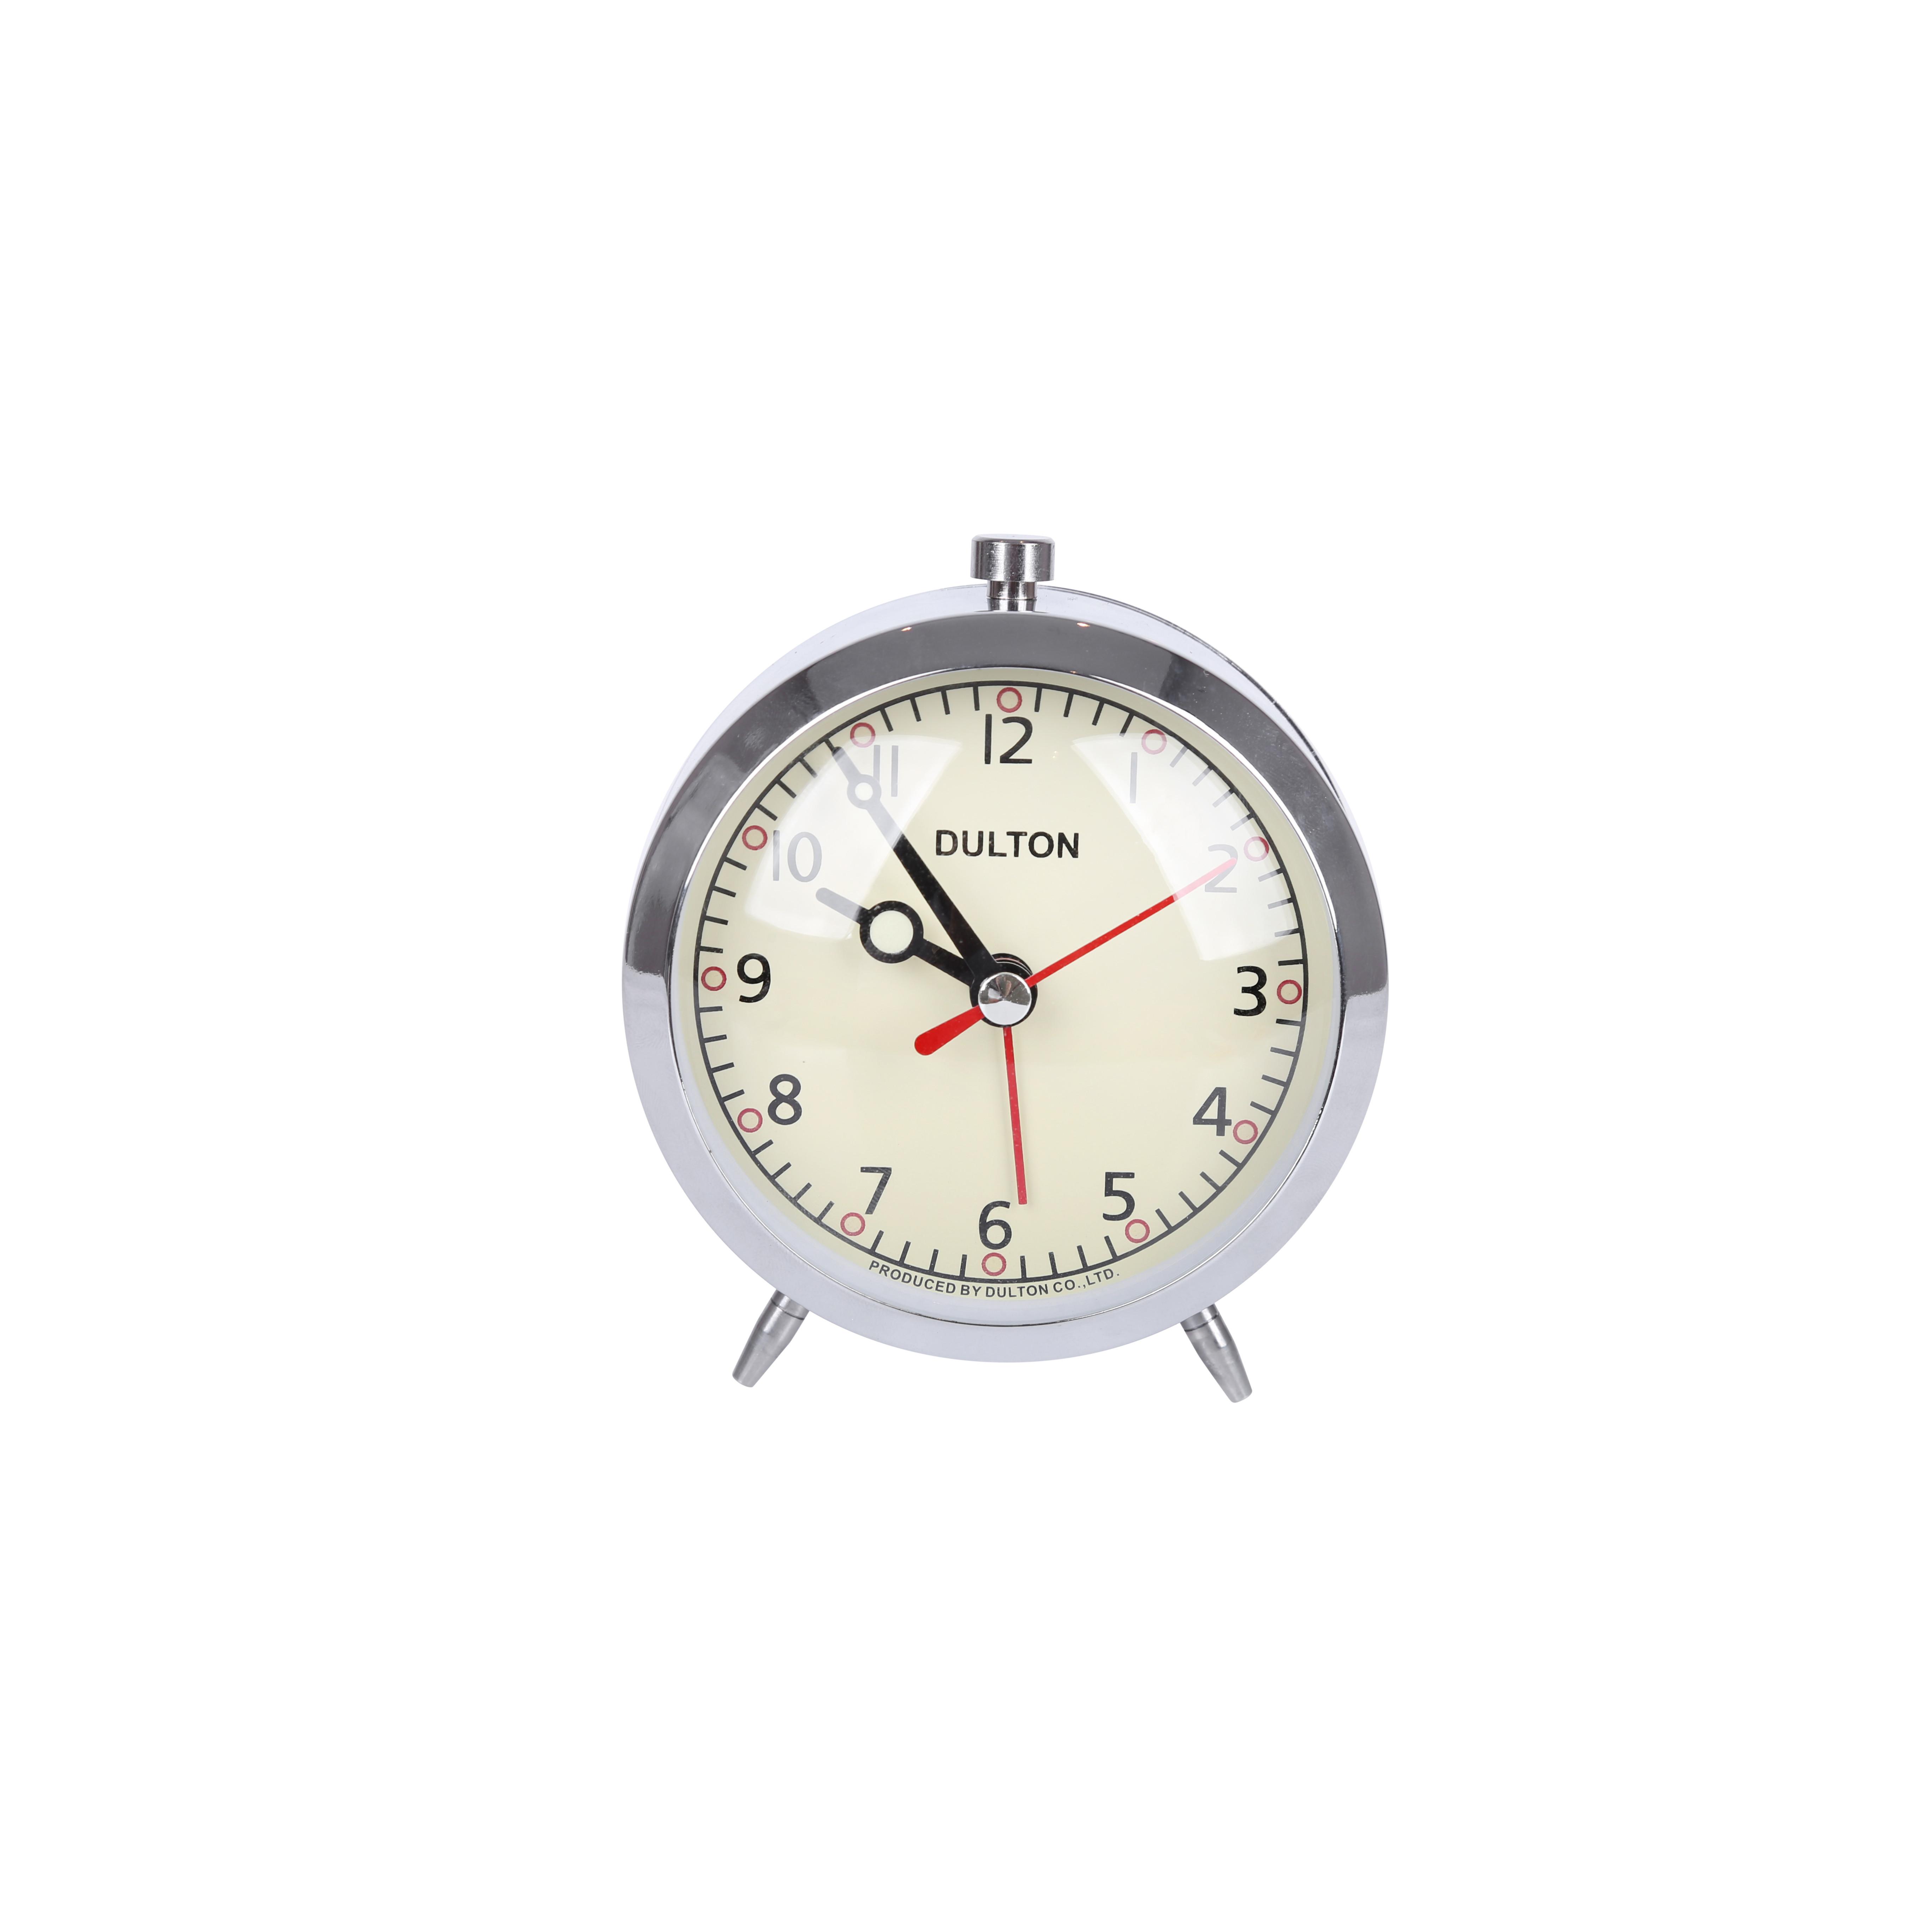 Đồng hồ hẹn giờ để bàn Dulton, chất liệu kim loại, kích thước 9x7x11cm